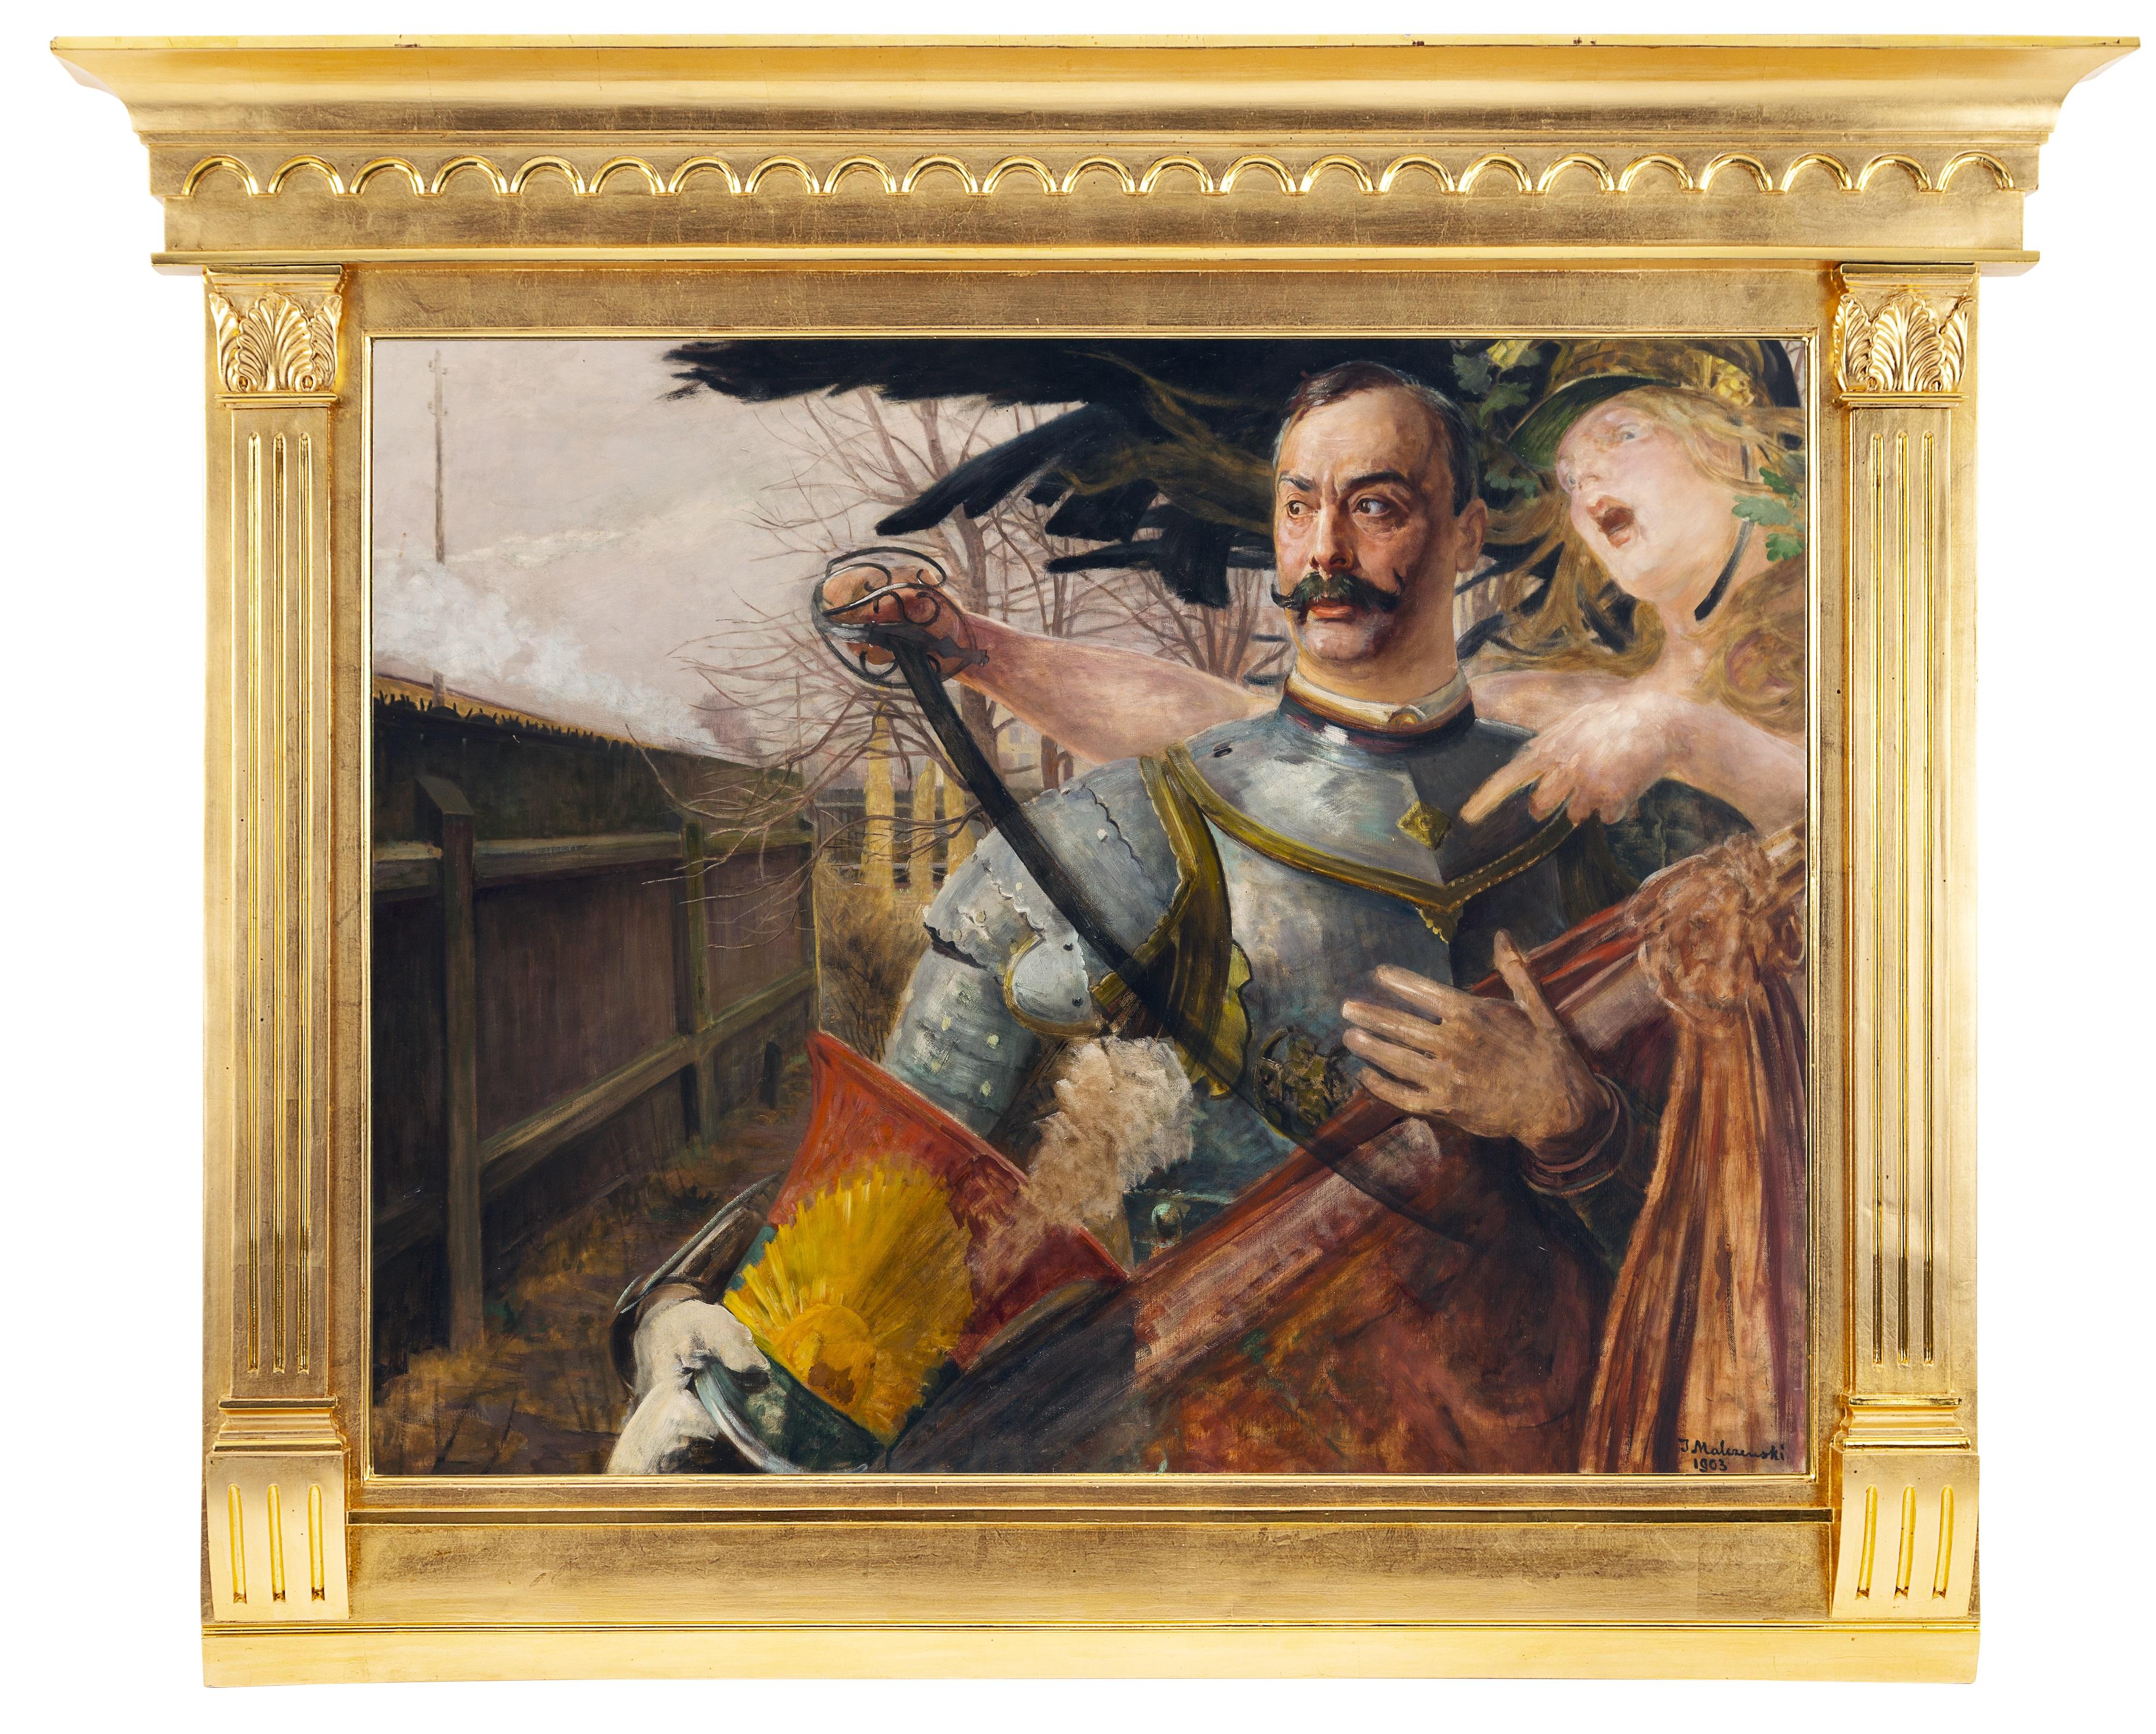 Obraz Jacka Malczewskiego w ramie kolumnowej, źródło: Desa Unicum